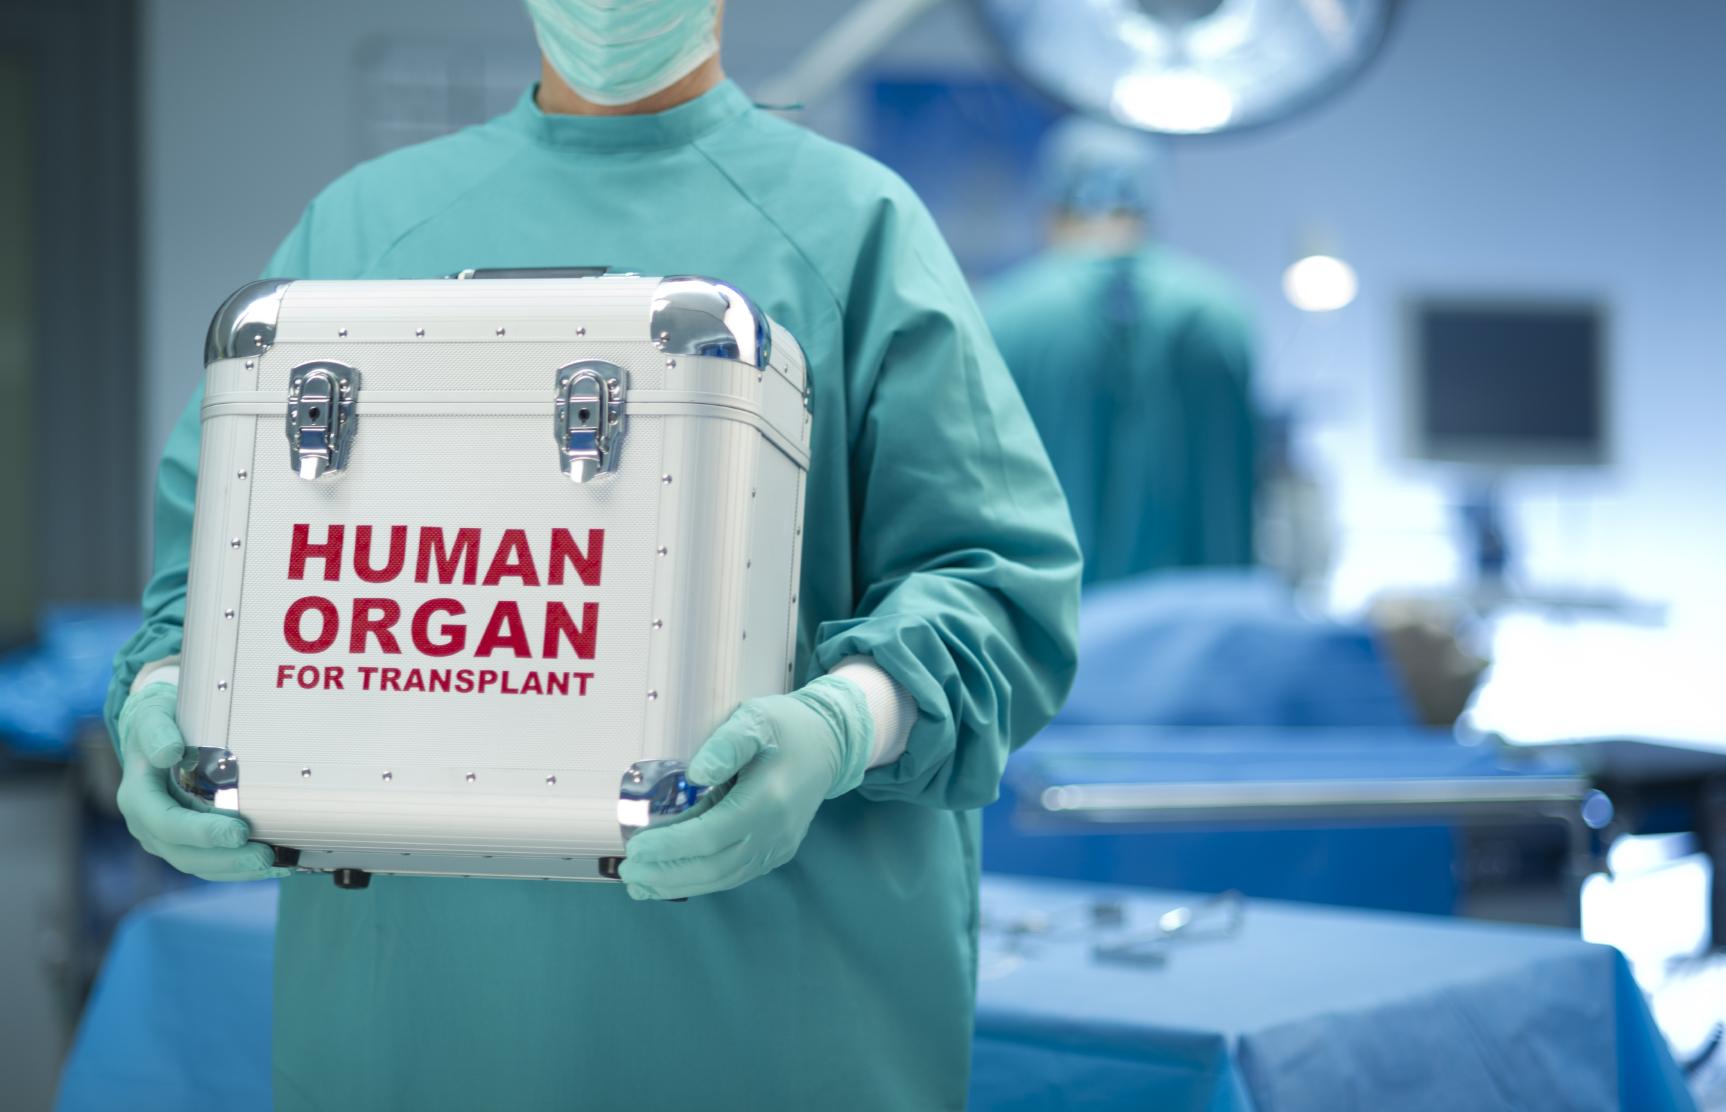 Pasaulyje šviežiai šaldyta kraujo plazma naudojama dviem tikslams – kraujo perpylimui ligoninėse ir perdirbimui į vaistus: krešėjimo faktorius, imunoglobuliną, albuminą ir kitus plazmos preparatus. (Asociatyvi nuotr.)